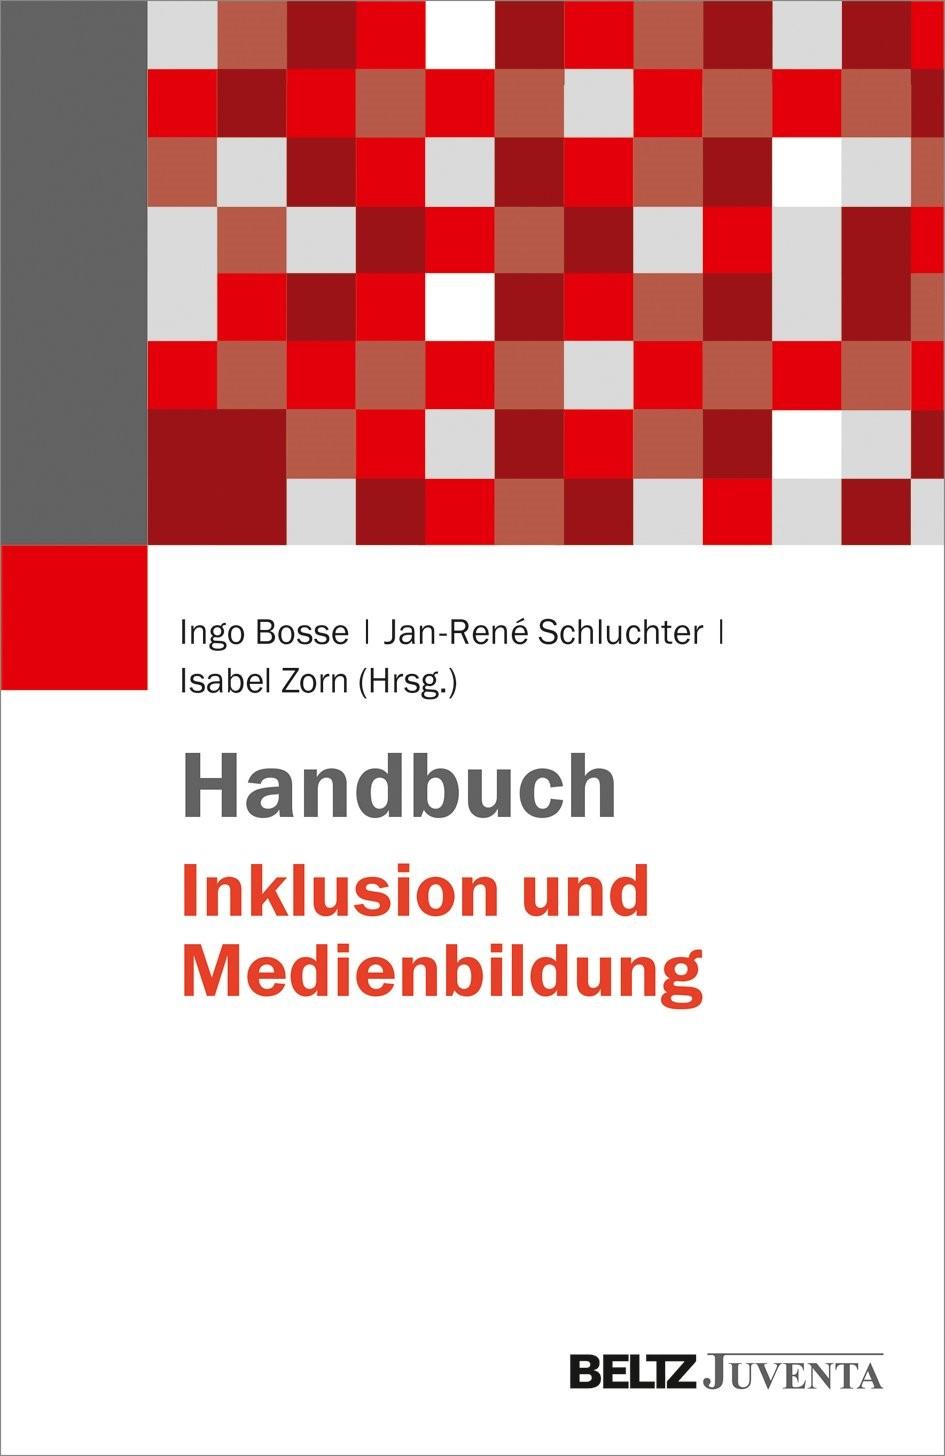 Handbuch Inklusion und Medienbildung | Bosse / Schluchter / Zorn, 2018 | Buch (Cover)